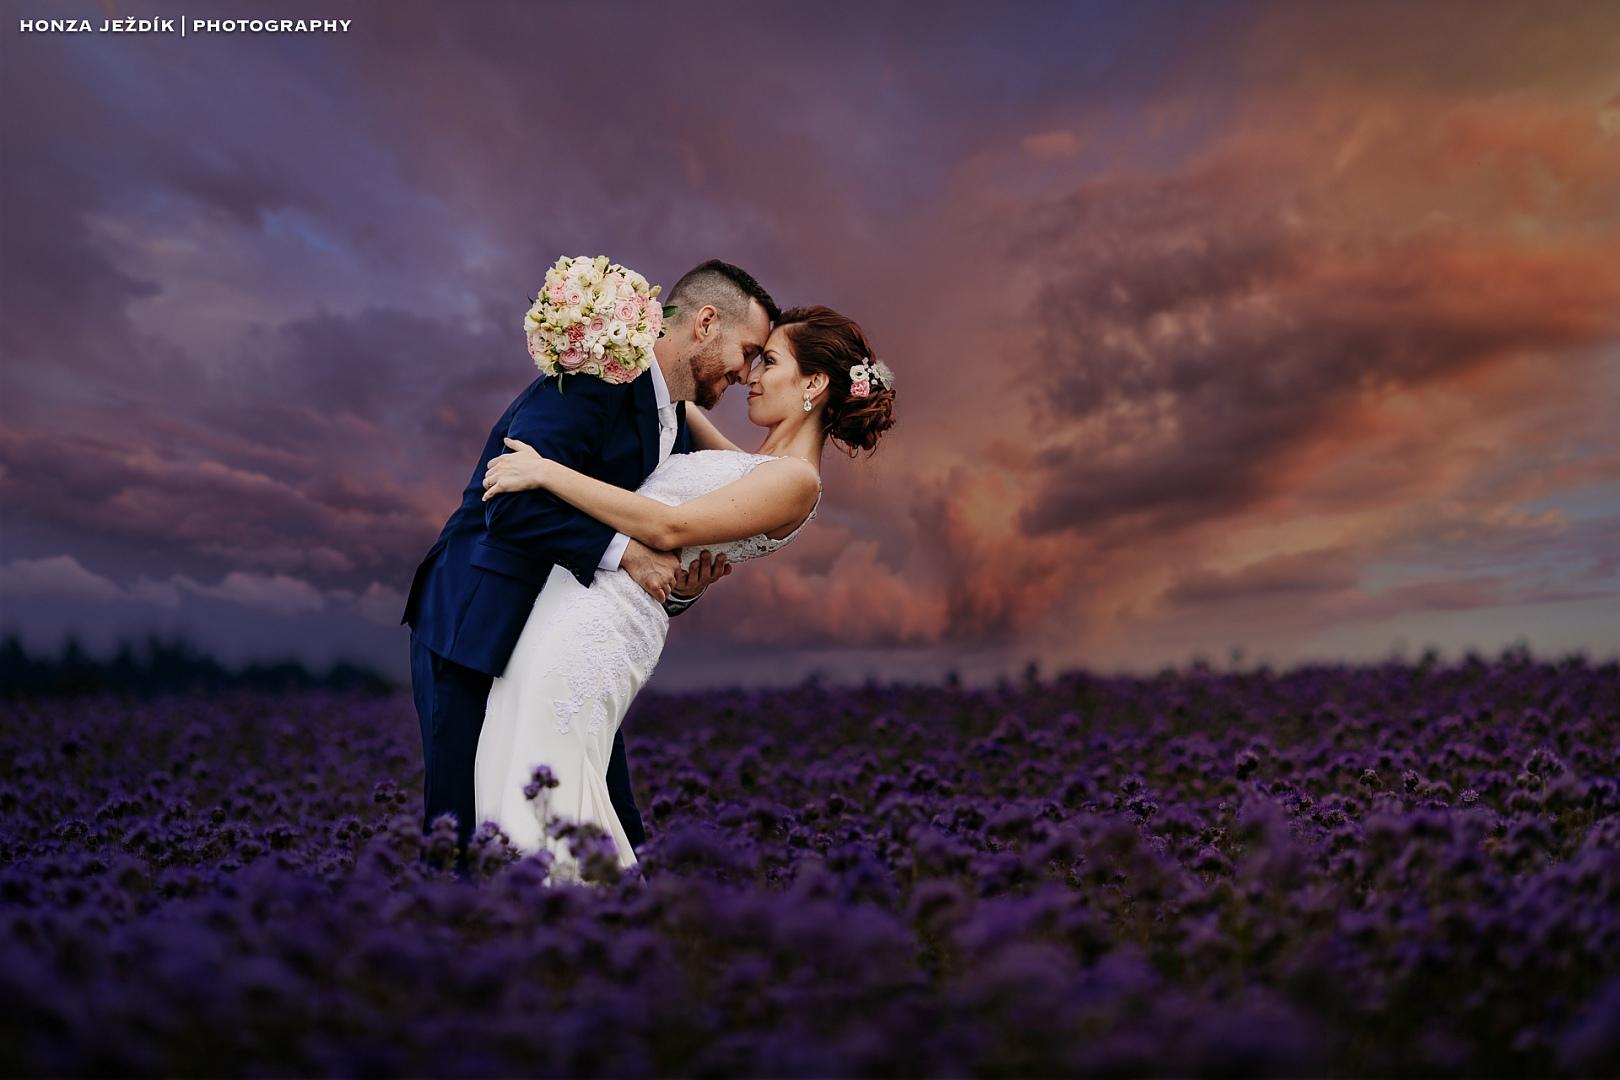 Zamyšlení svatebního fotografa